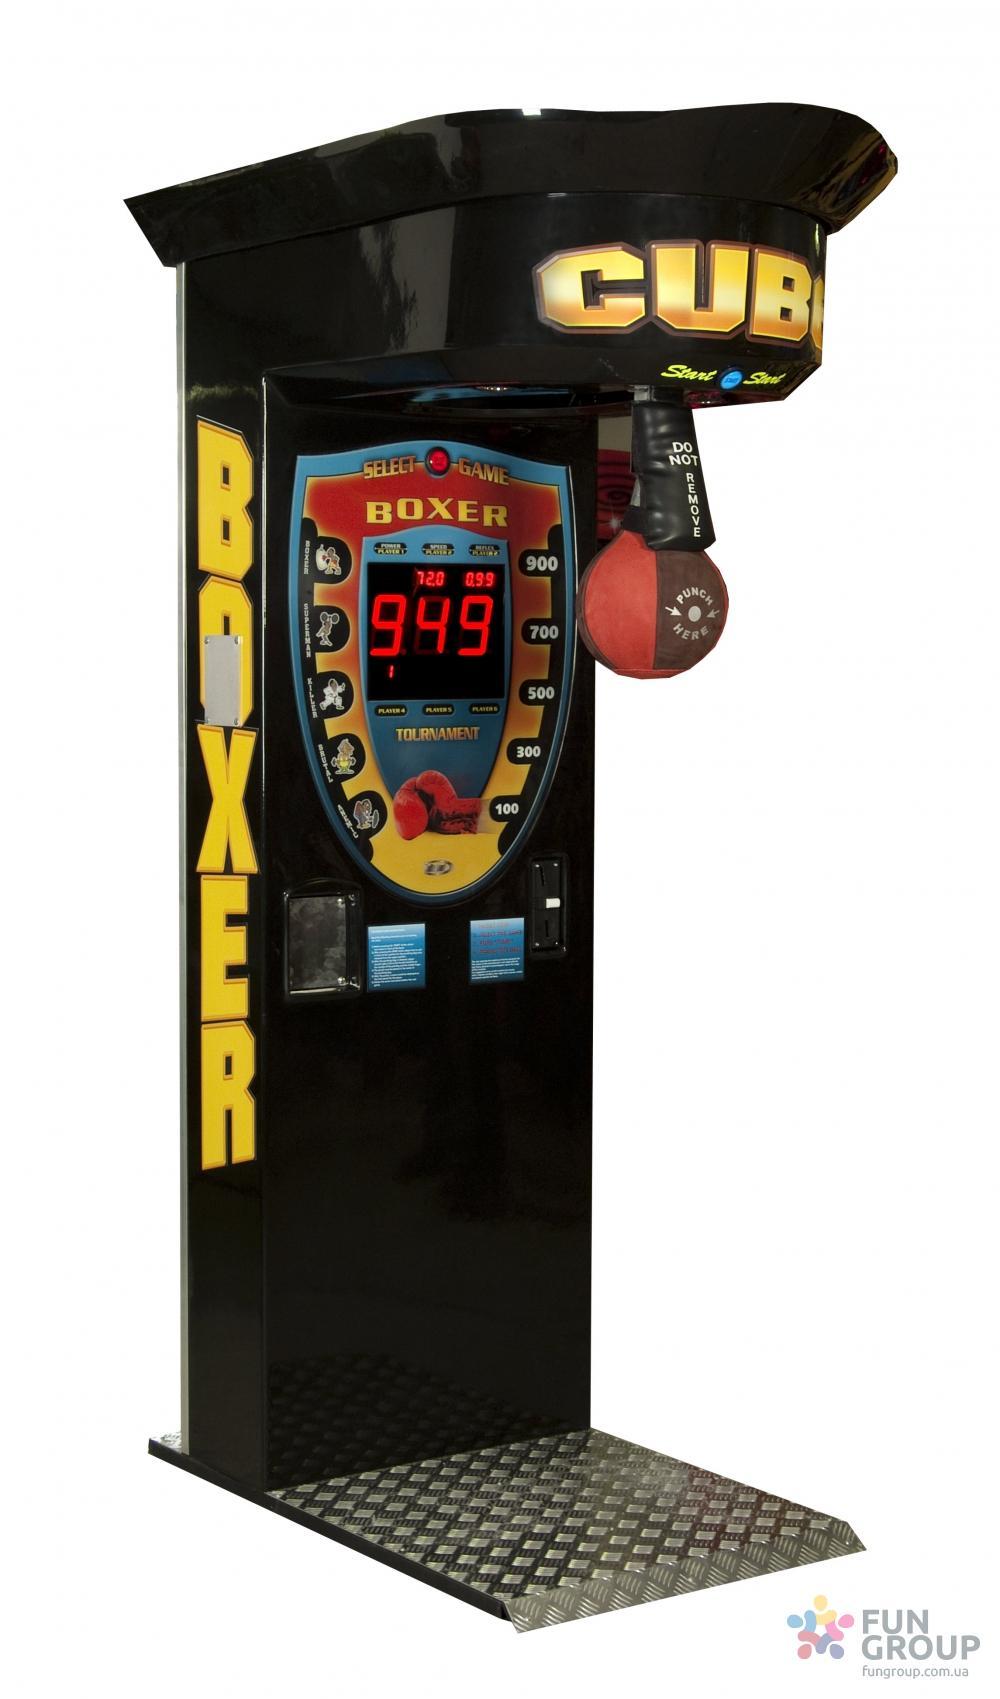 Игровые аппараты силомеры боксёр бу игровые автоматы с елементами еротики